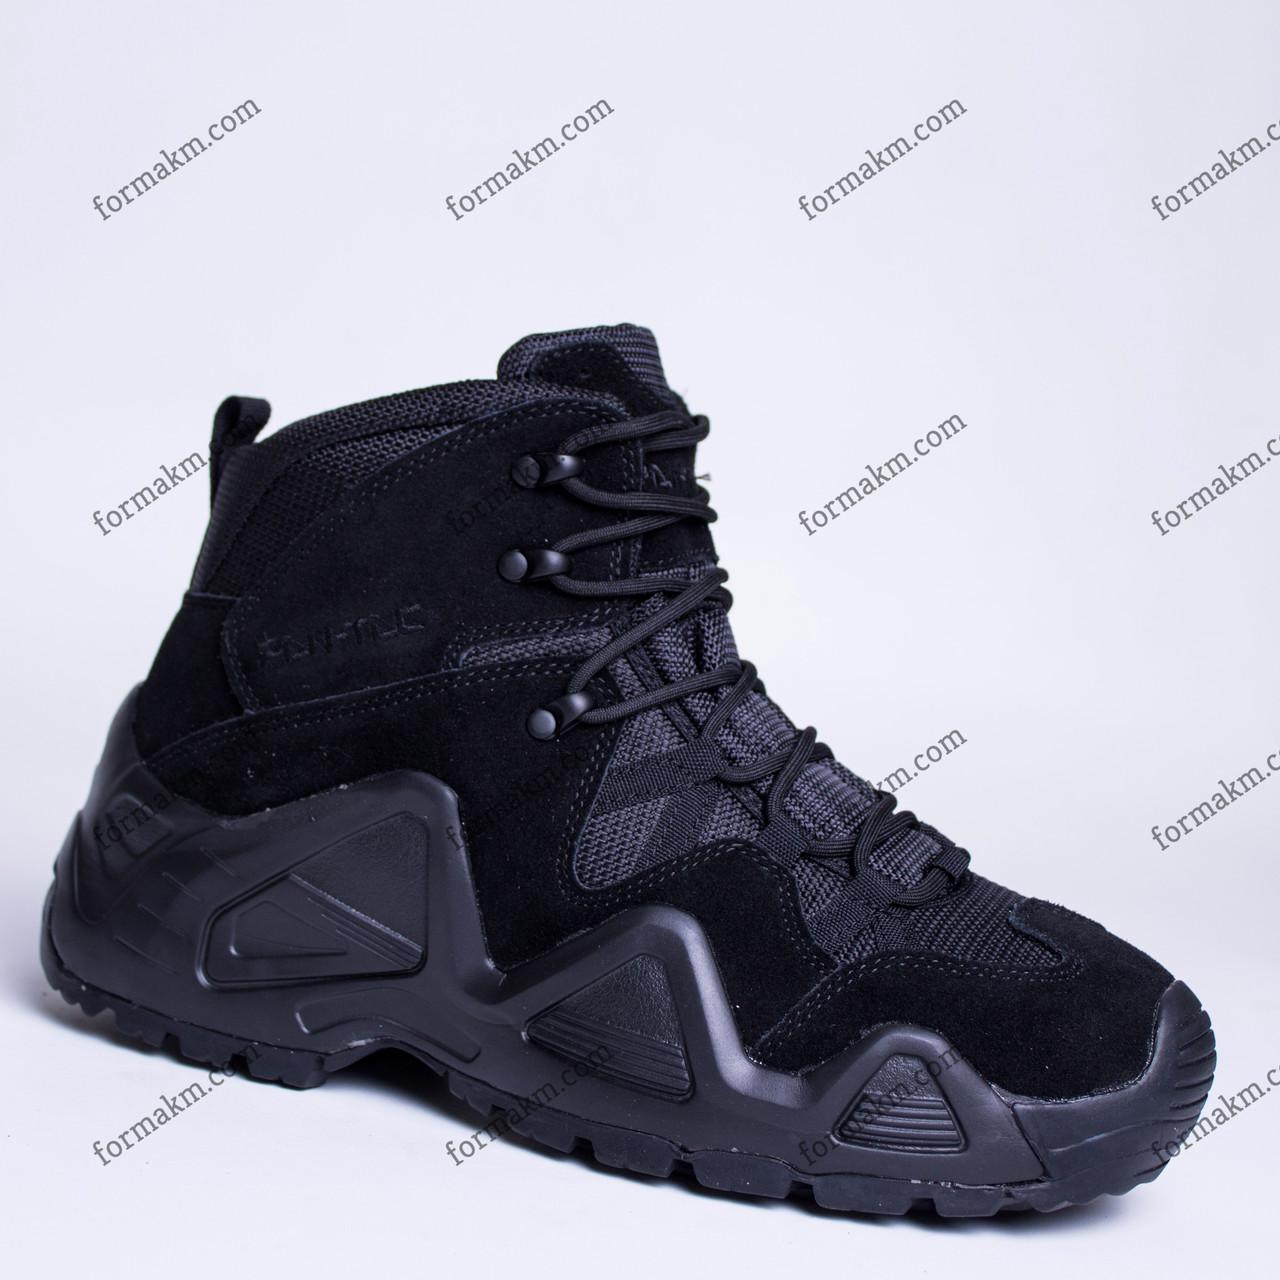 Тактические Ботинки, Полуботинки Зимние Pan-Tac Black